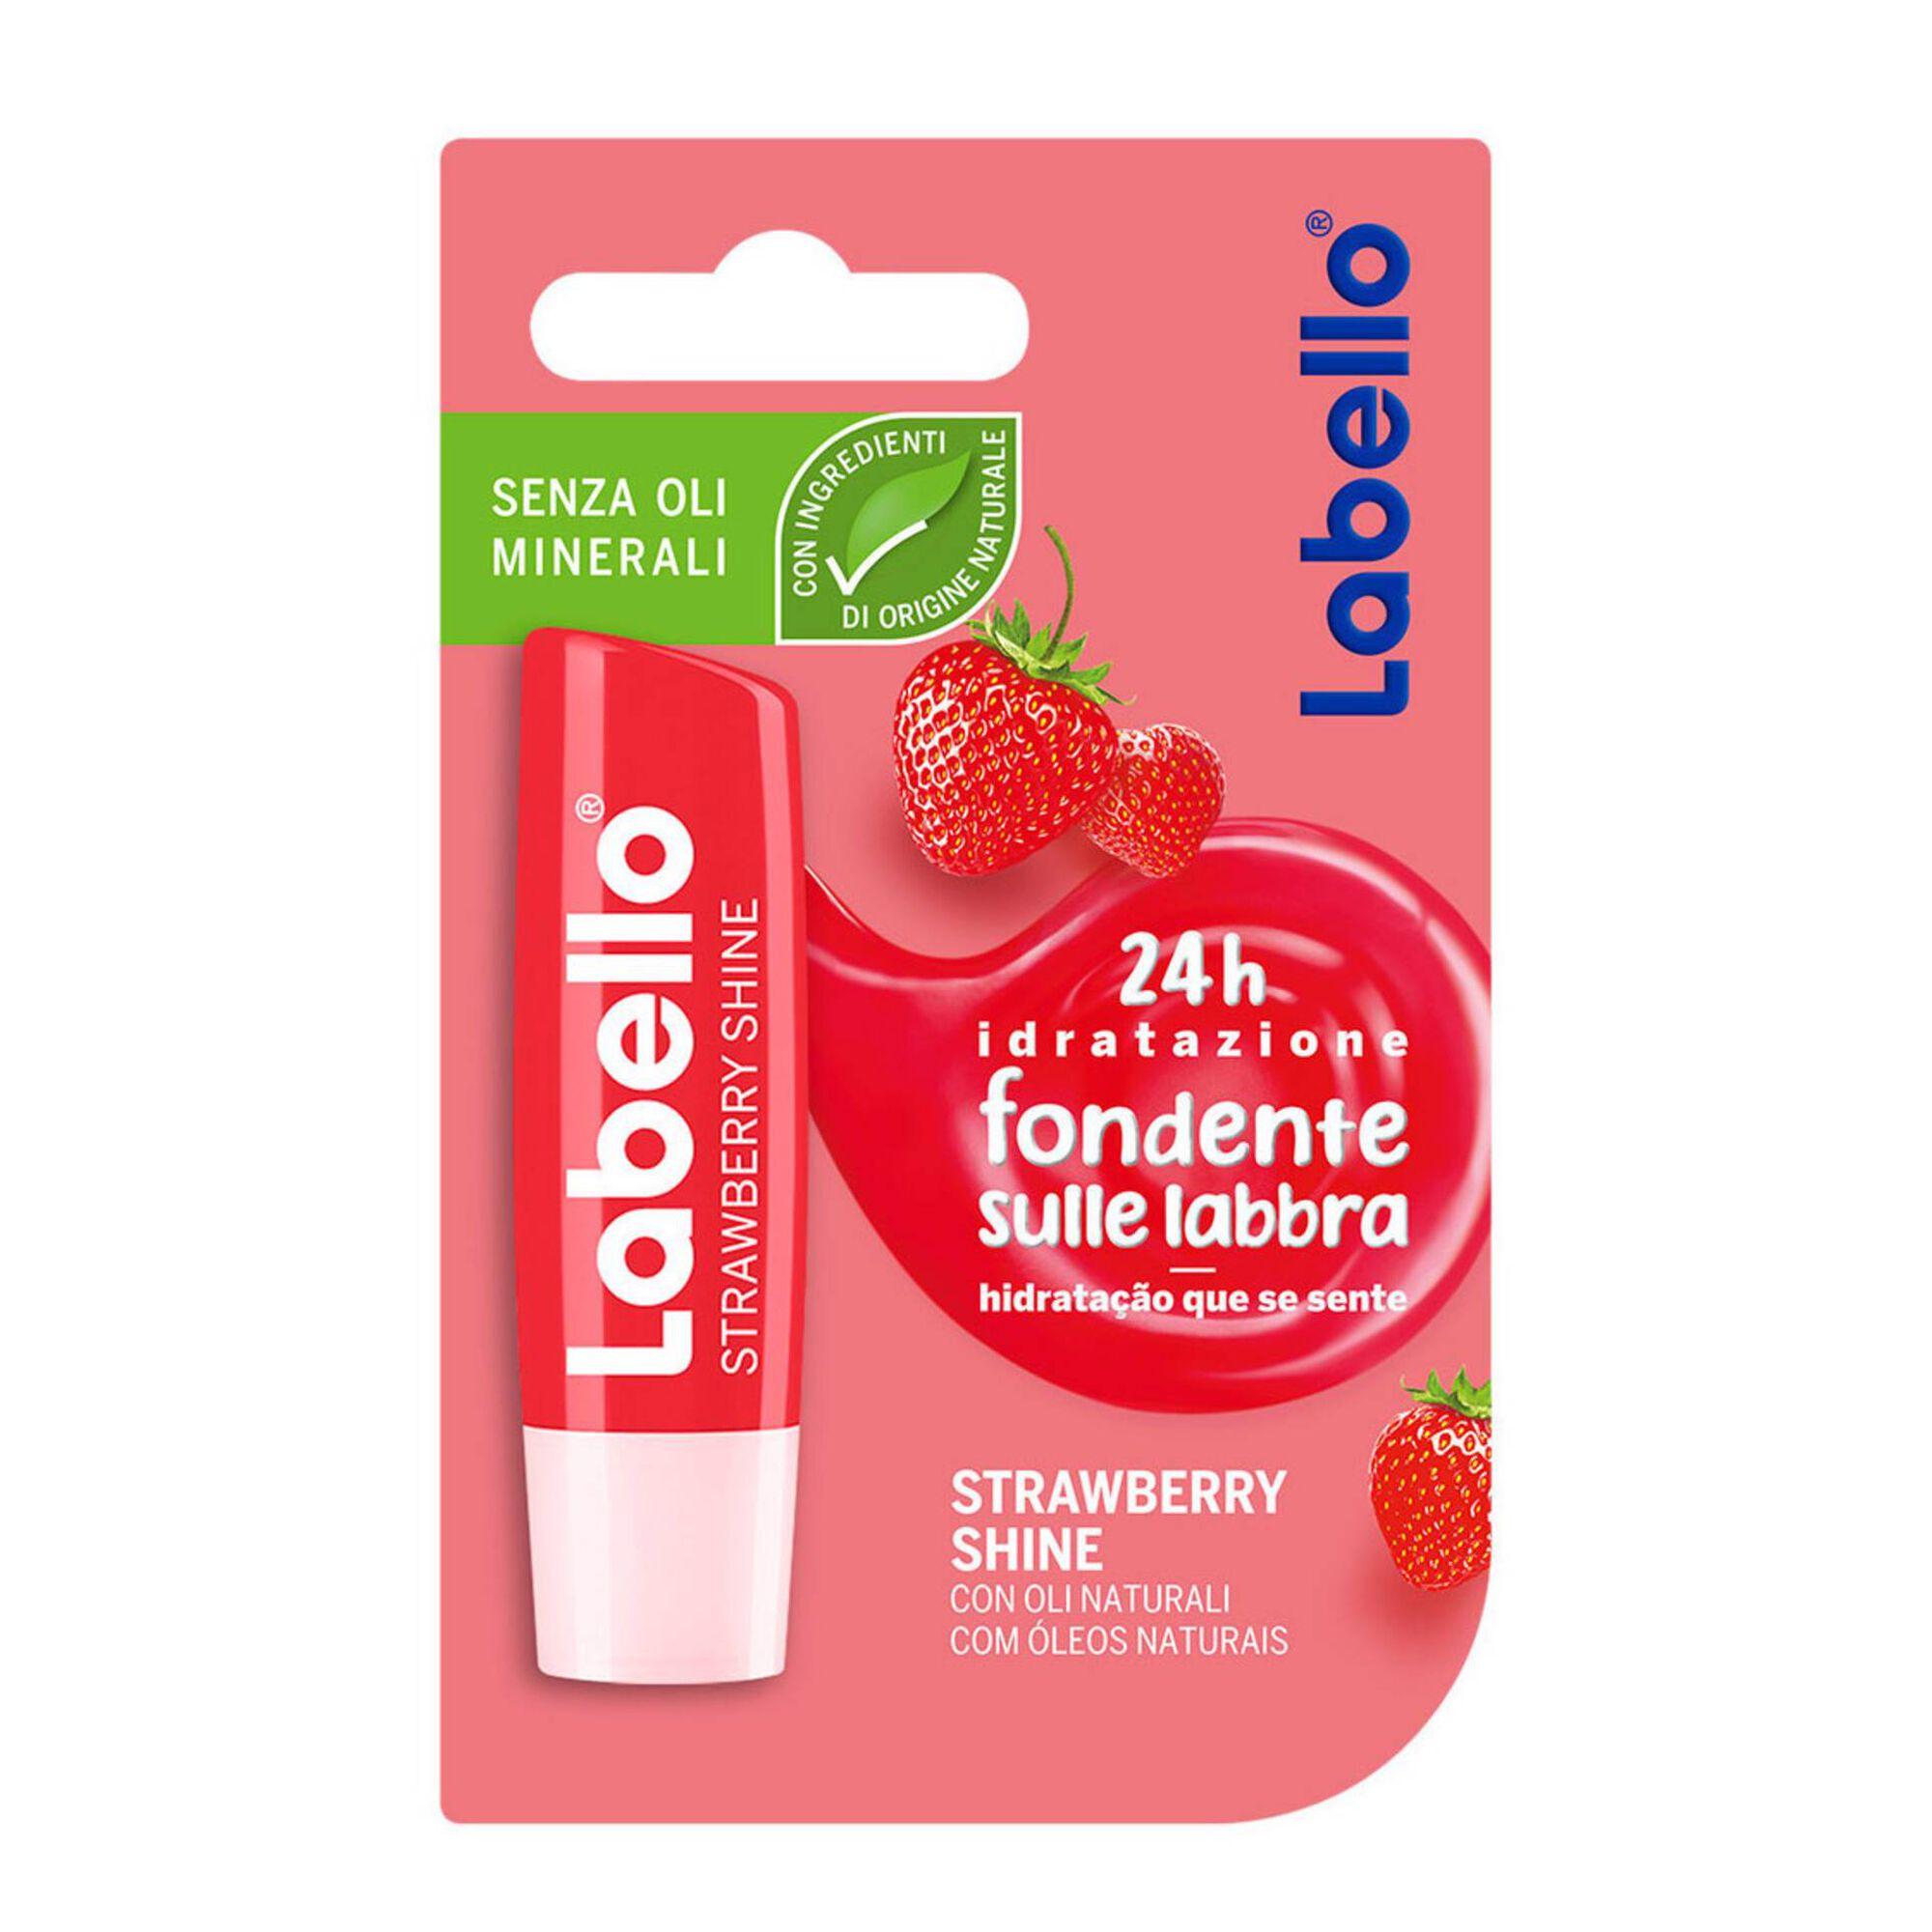 Batom do Cieiro Strawberry Shine